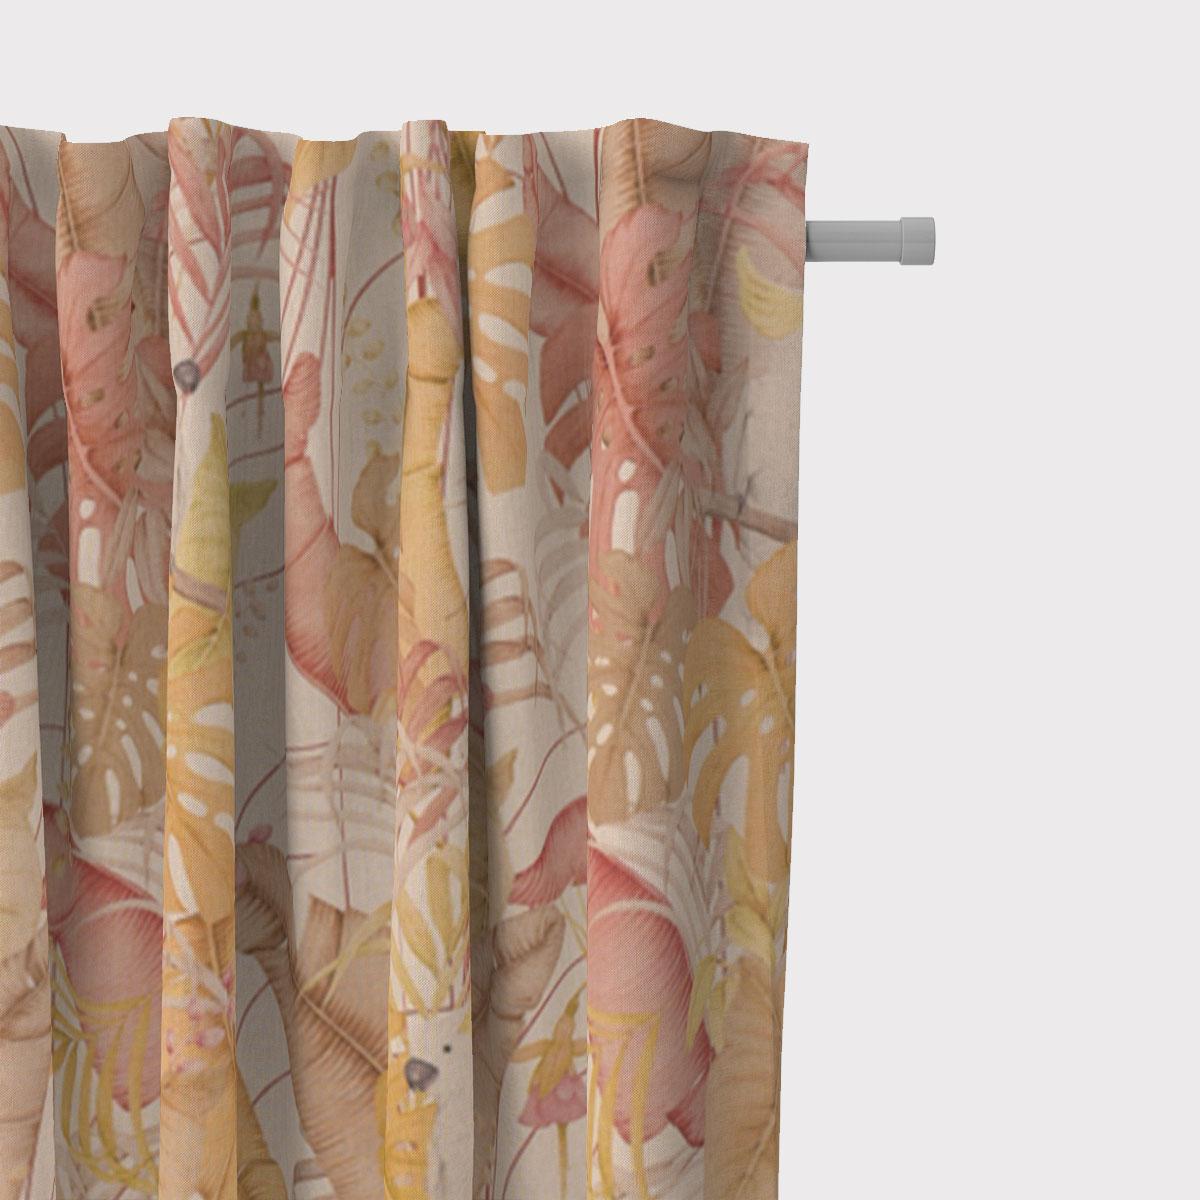 SCHÖNER LEBEN. Vorhang Leinenlook Royal Cockatoo Palmenblätter Kakadus natur gelb rosa 245cm oder Wunschlänge